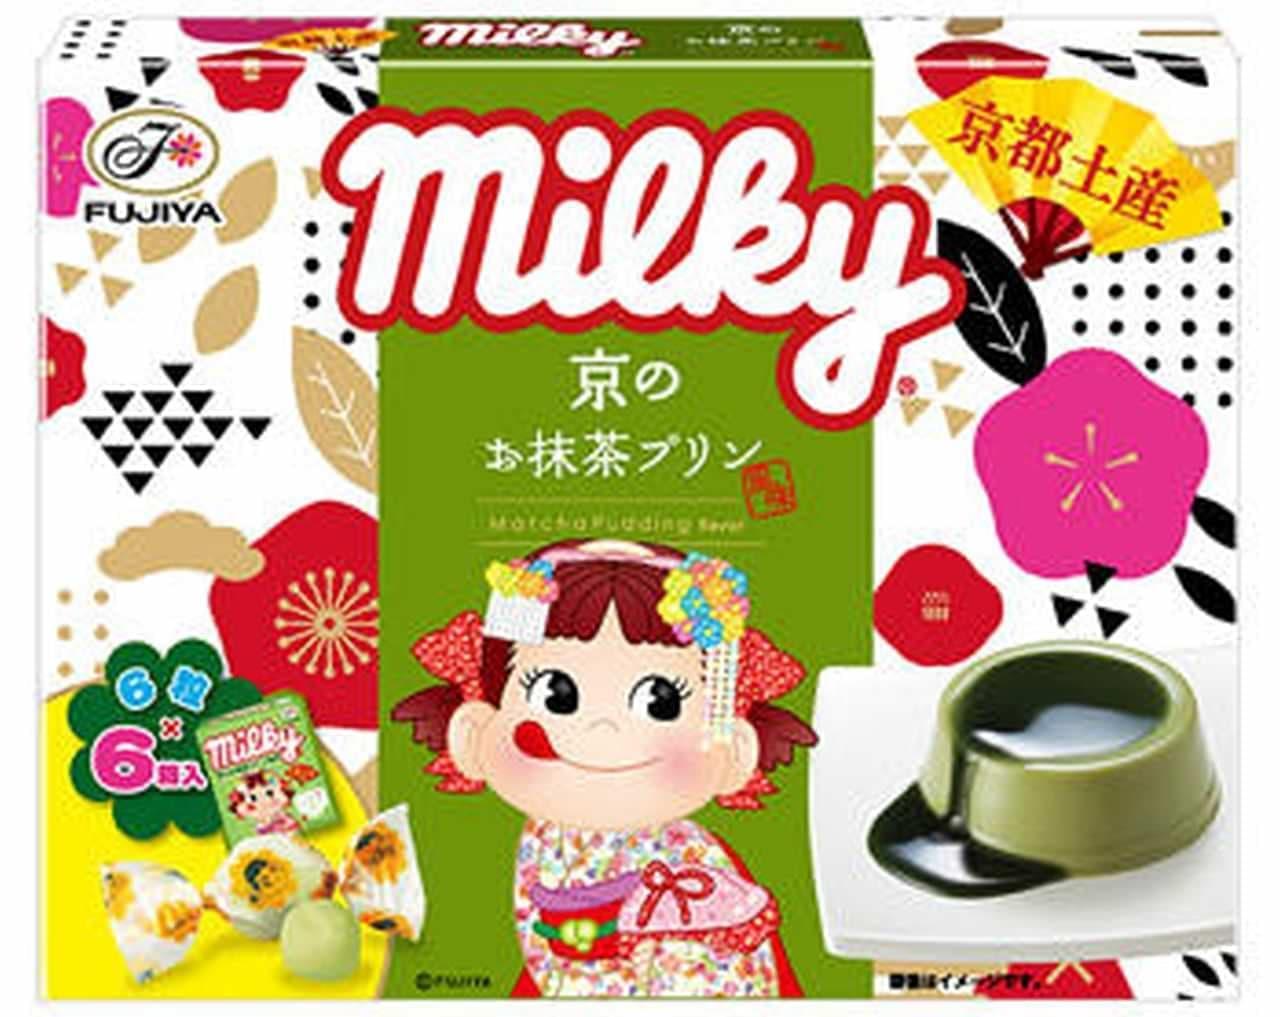 関西限定ミルキー「【京都土産】ミルキー(京のお抹茶プリン風味)」